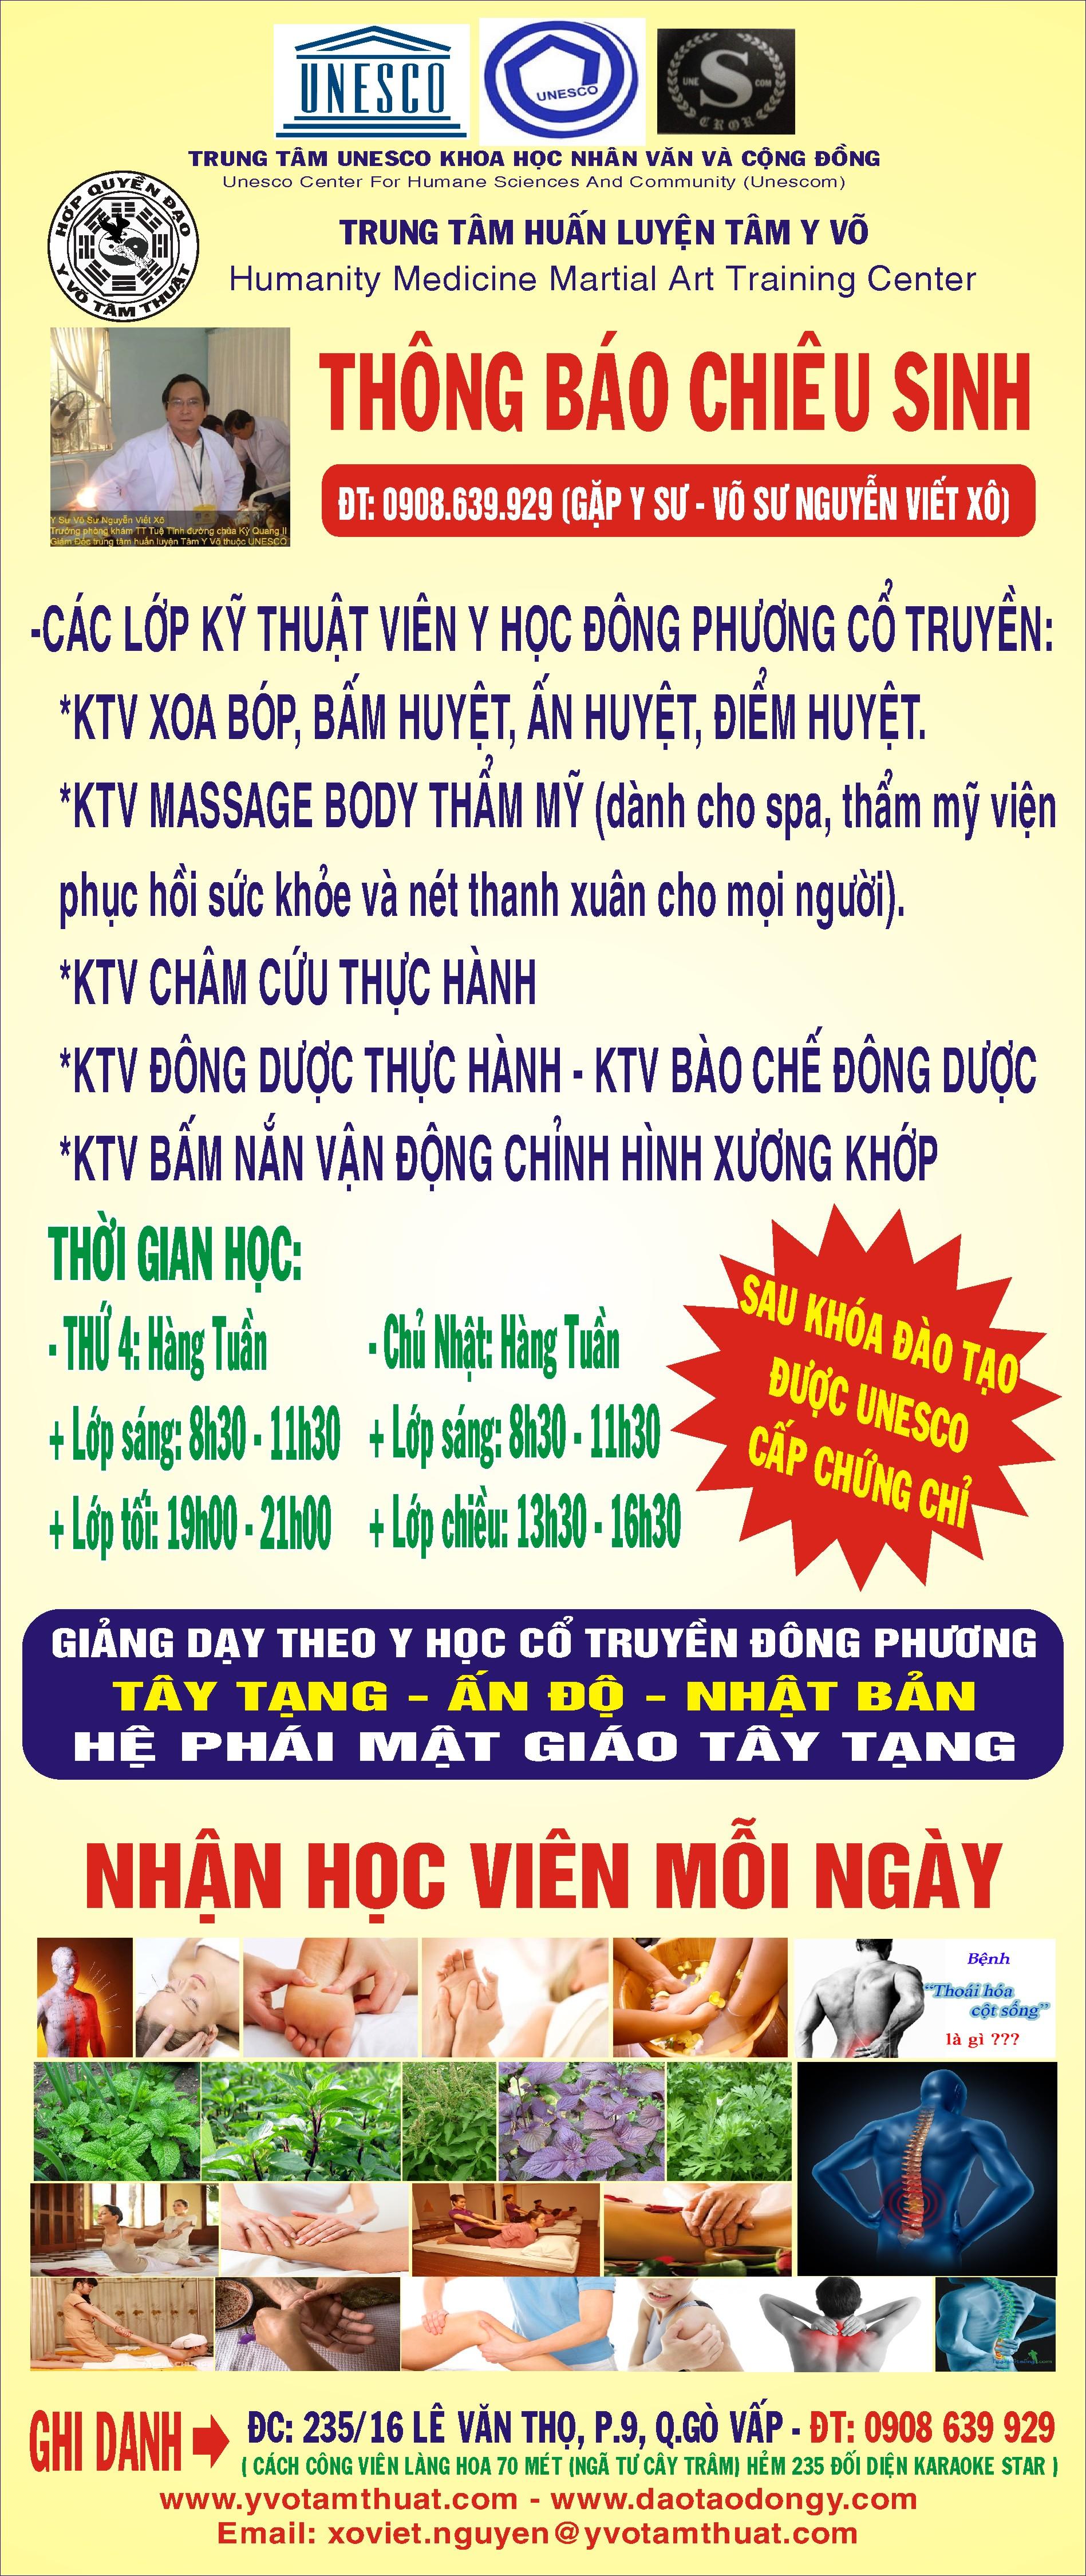 phuong phap dao tao y hoc co truyen theo he mat giao tay  tang